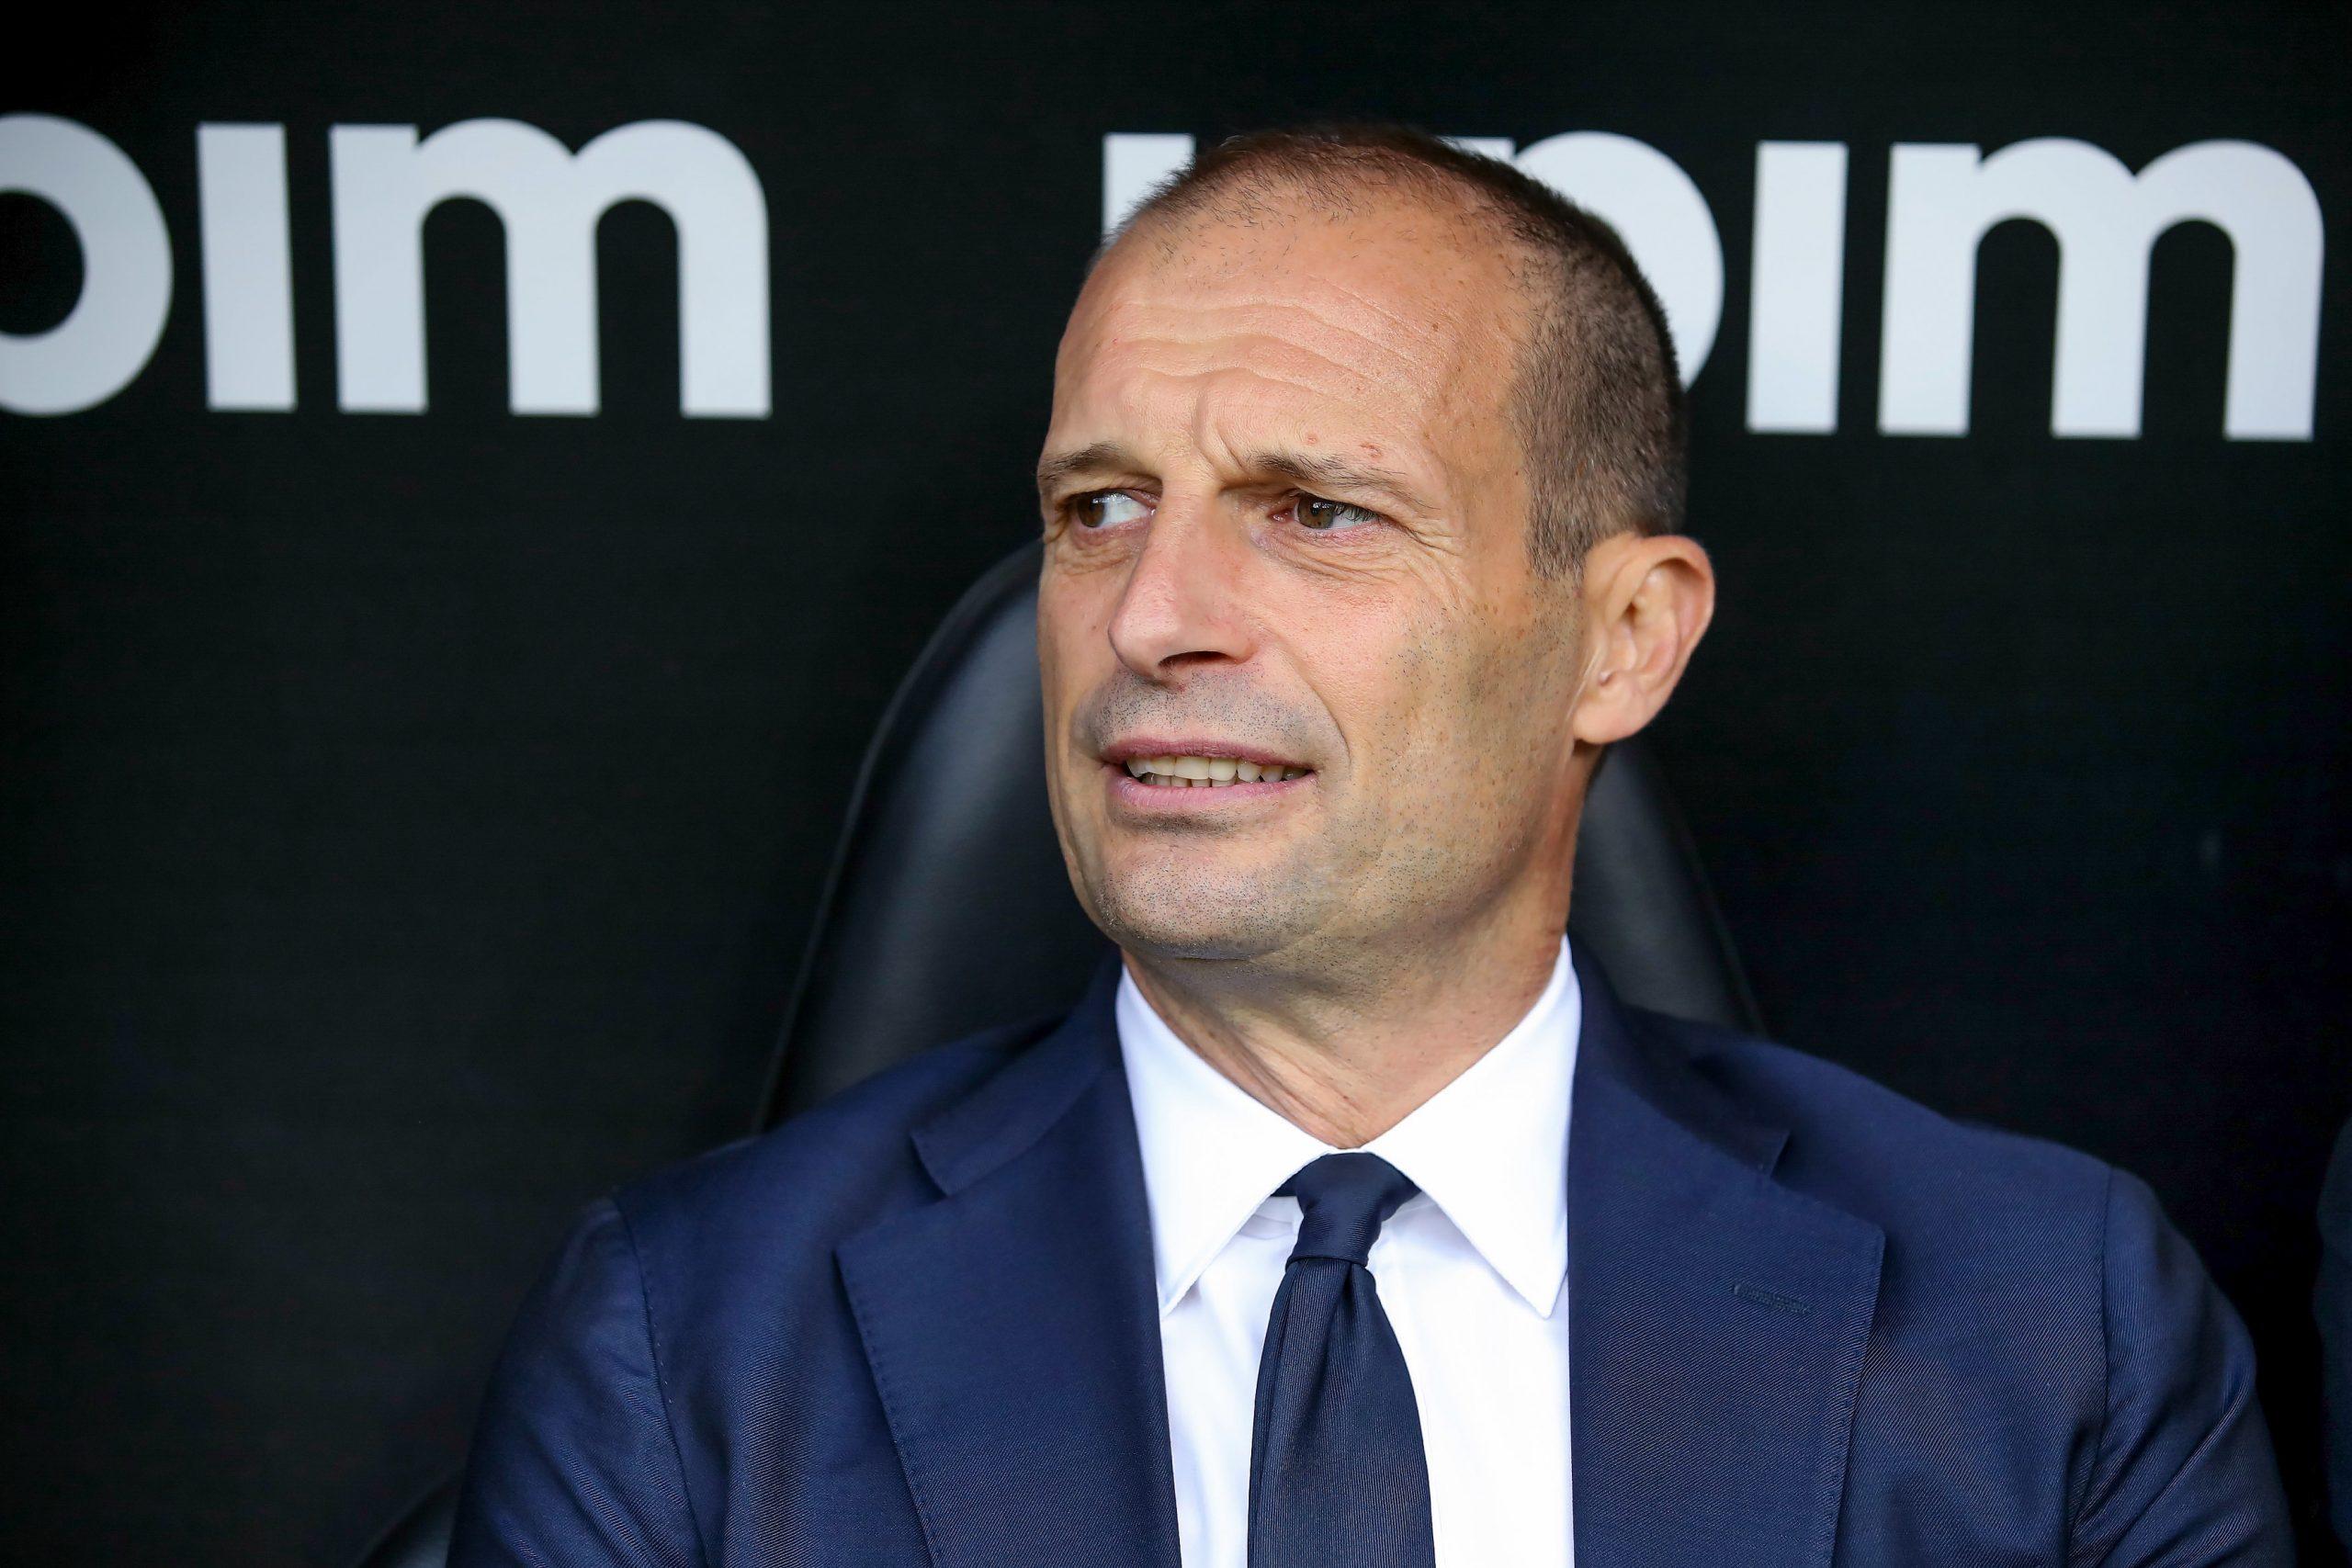 Allegri annoncé par la presse italienne comme prêt à rejoindre le PSG